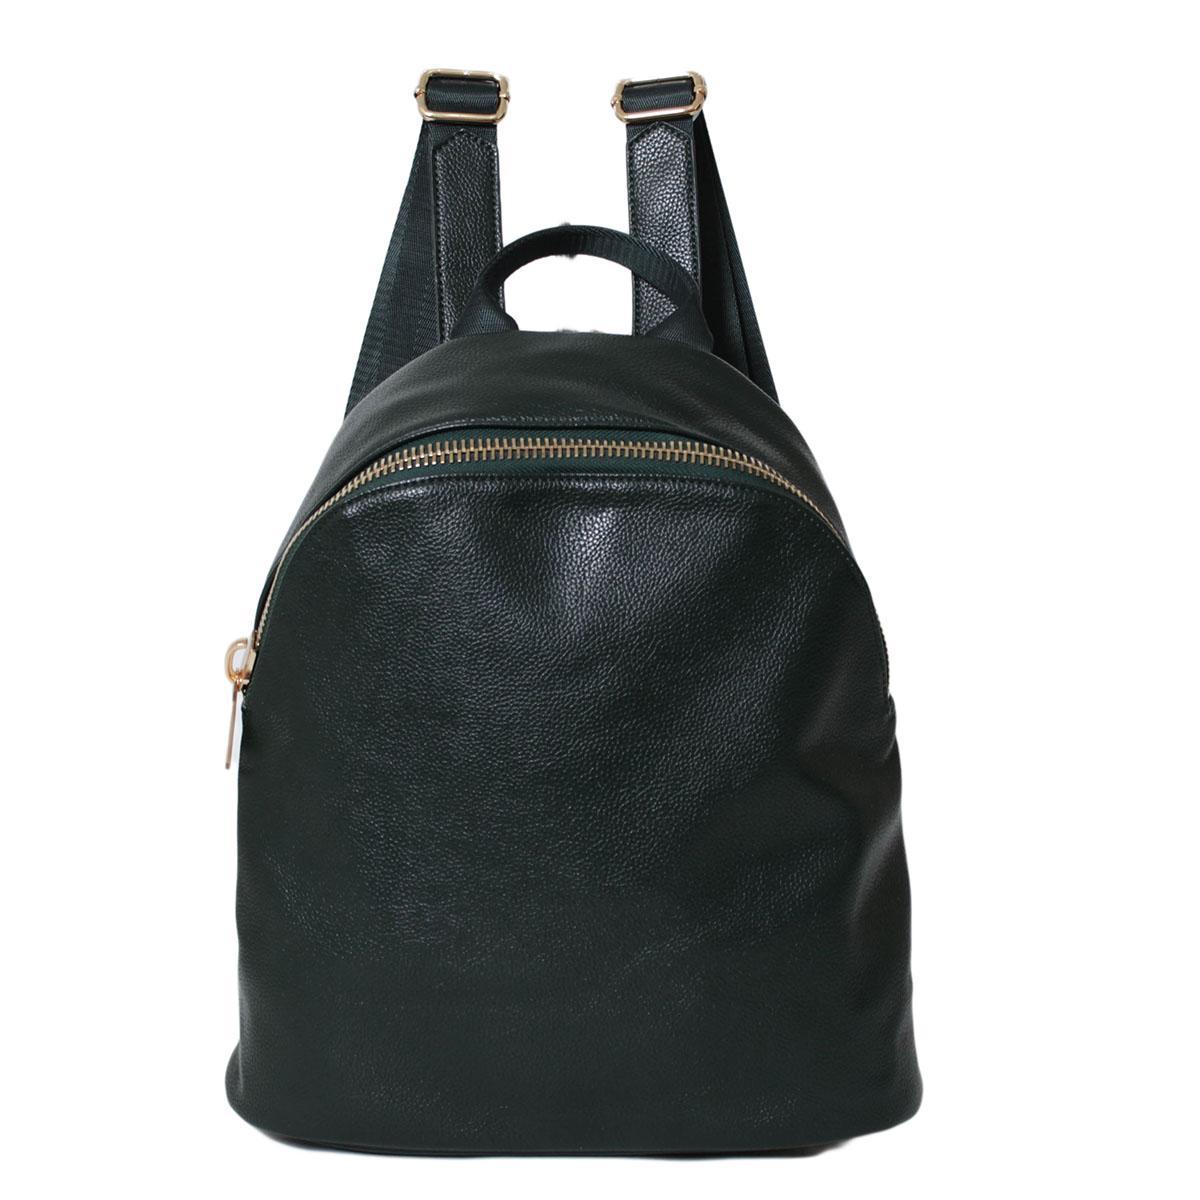 Рюкзак женский Flioraj, цвет: зеленый. 0005220800052208Закрывается на молнию. Внутри одно отделение, один карман на молнии, два открытых кармана. Снаружи один карман на молнии. Высота ручки - 8 см.